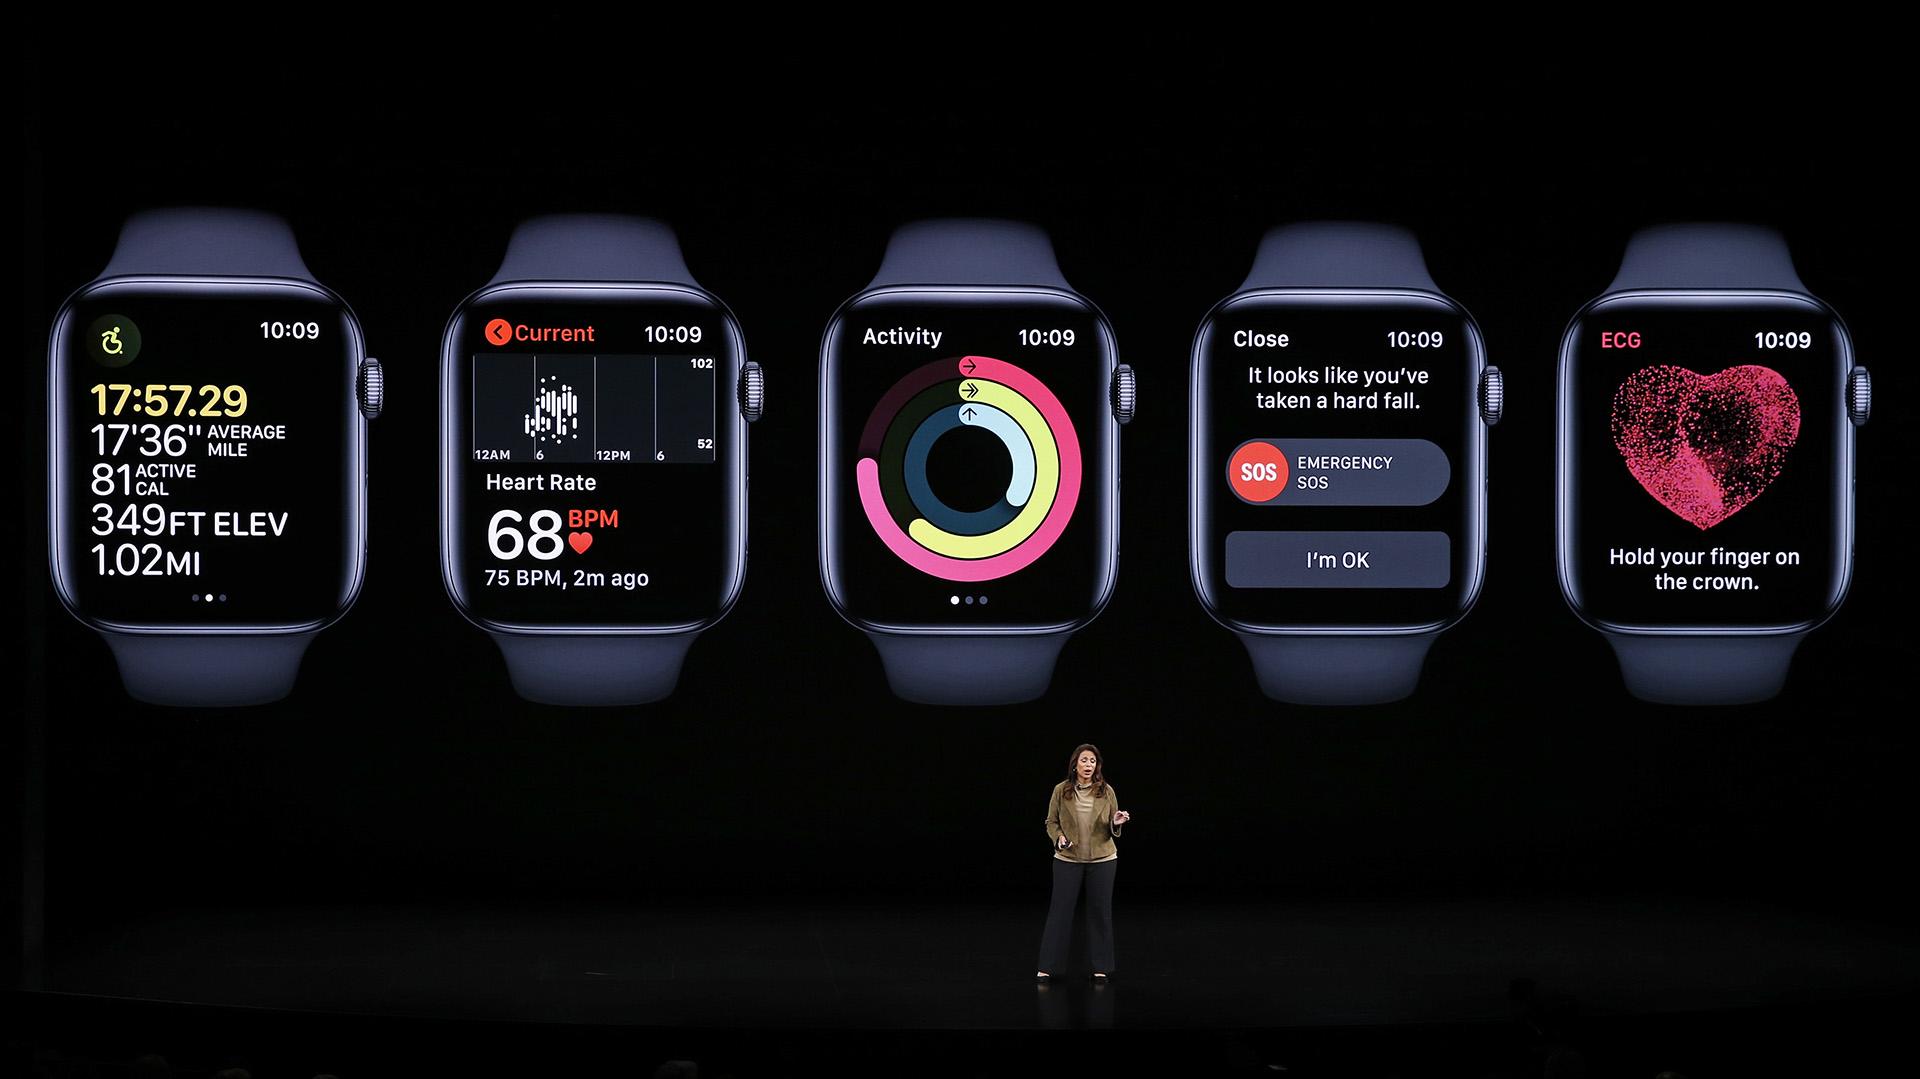 Sumbul Desai, vicepresidente de Salud de Apple, anunció que se lanzarán tres estudios médicos nuevos (REUTERS/Stephen Lam)